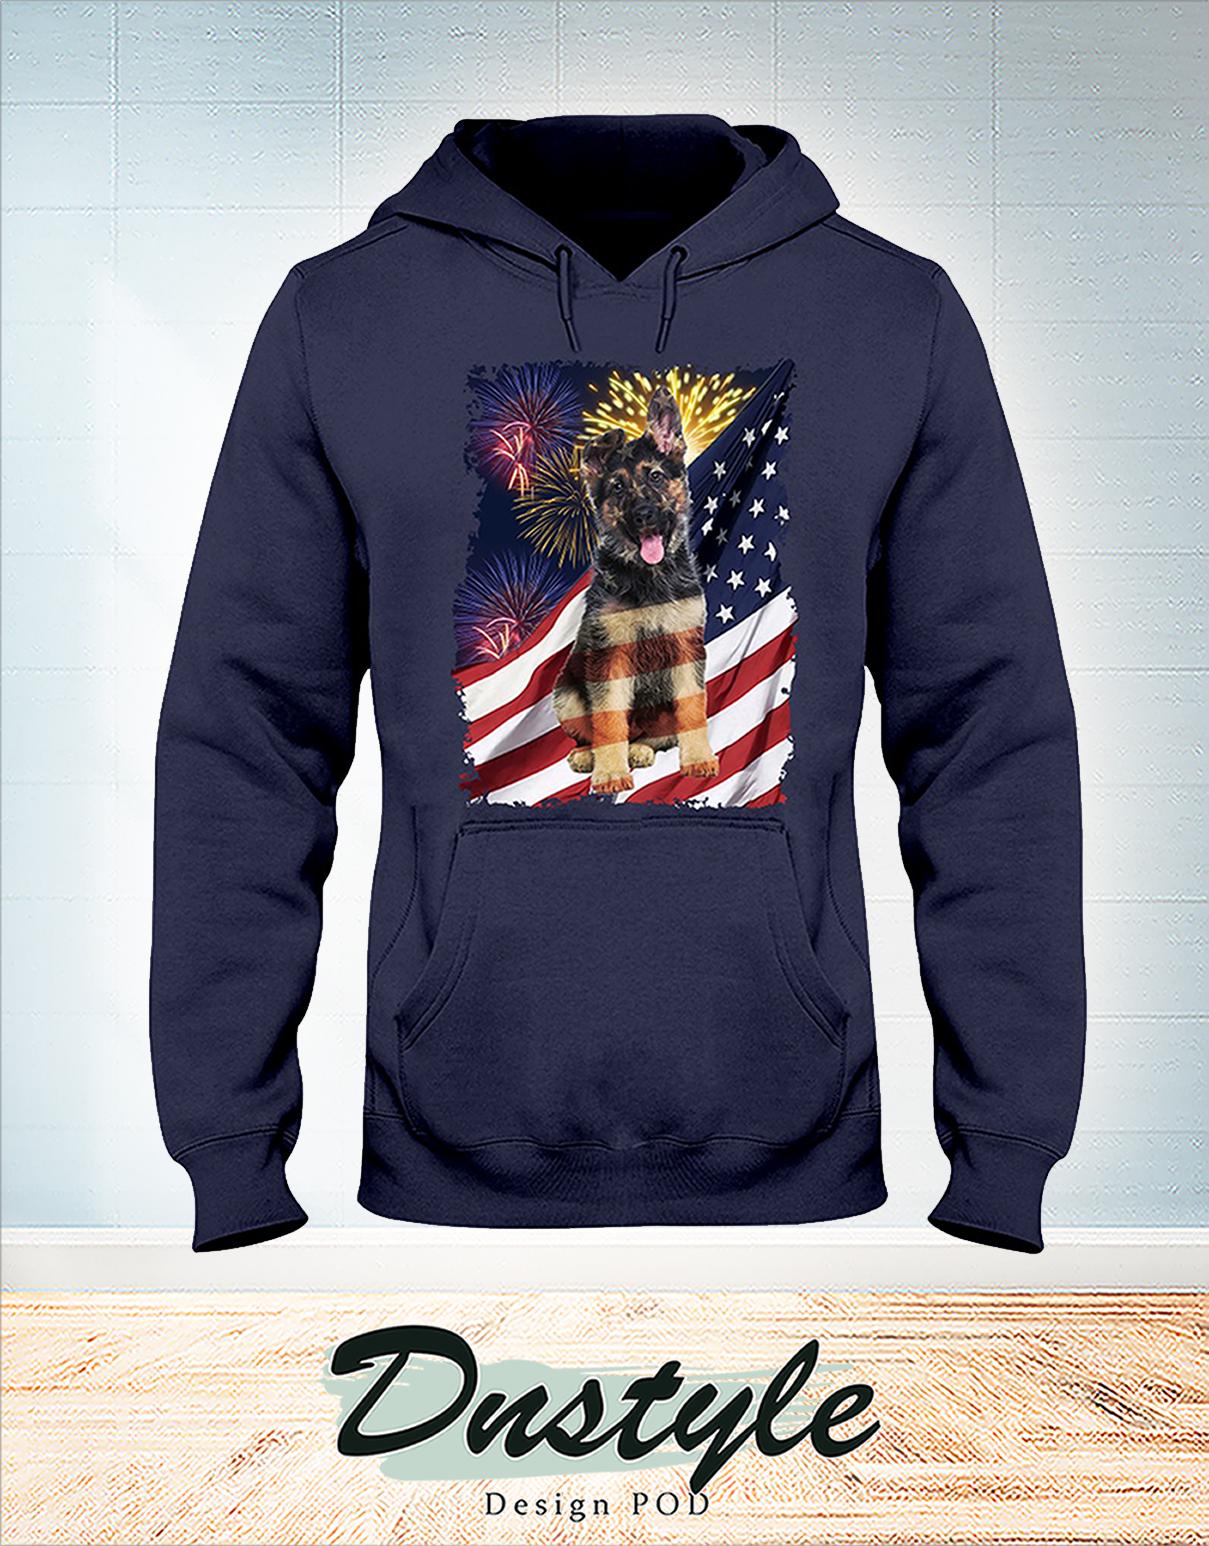 German Shepherd america freedom calling 4th july hoodie